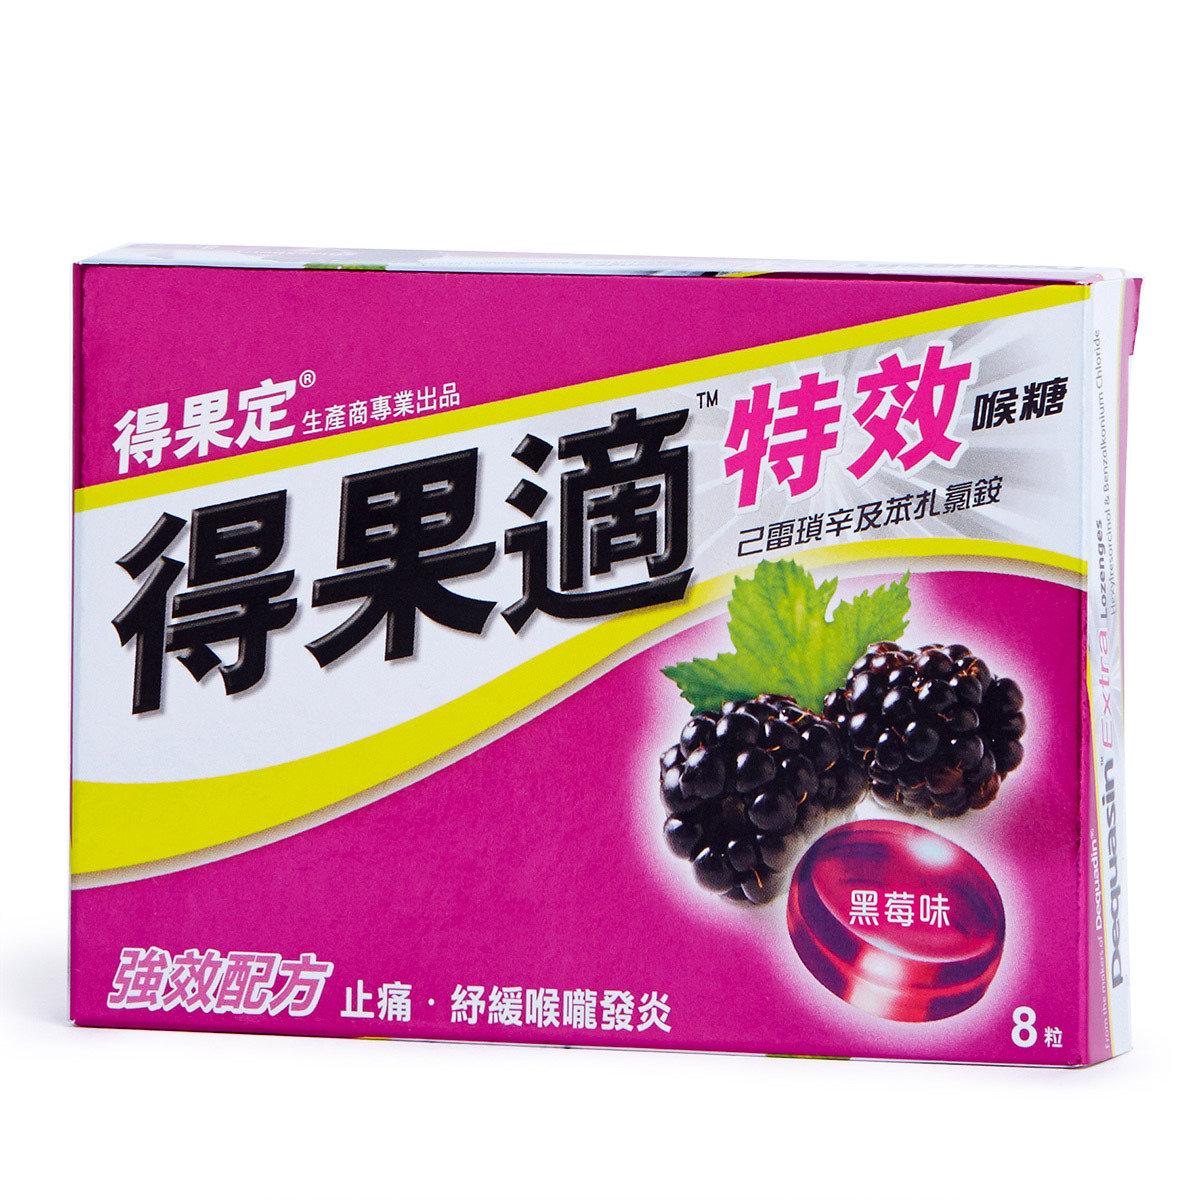 特效喉糖黑苺味 8 粒裝